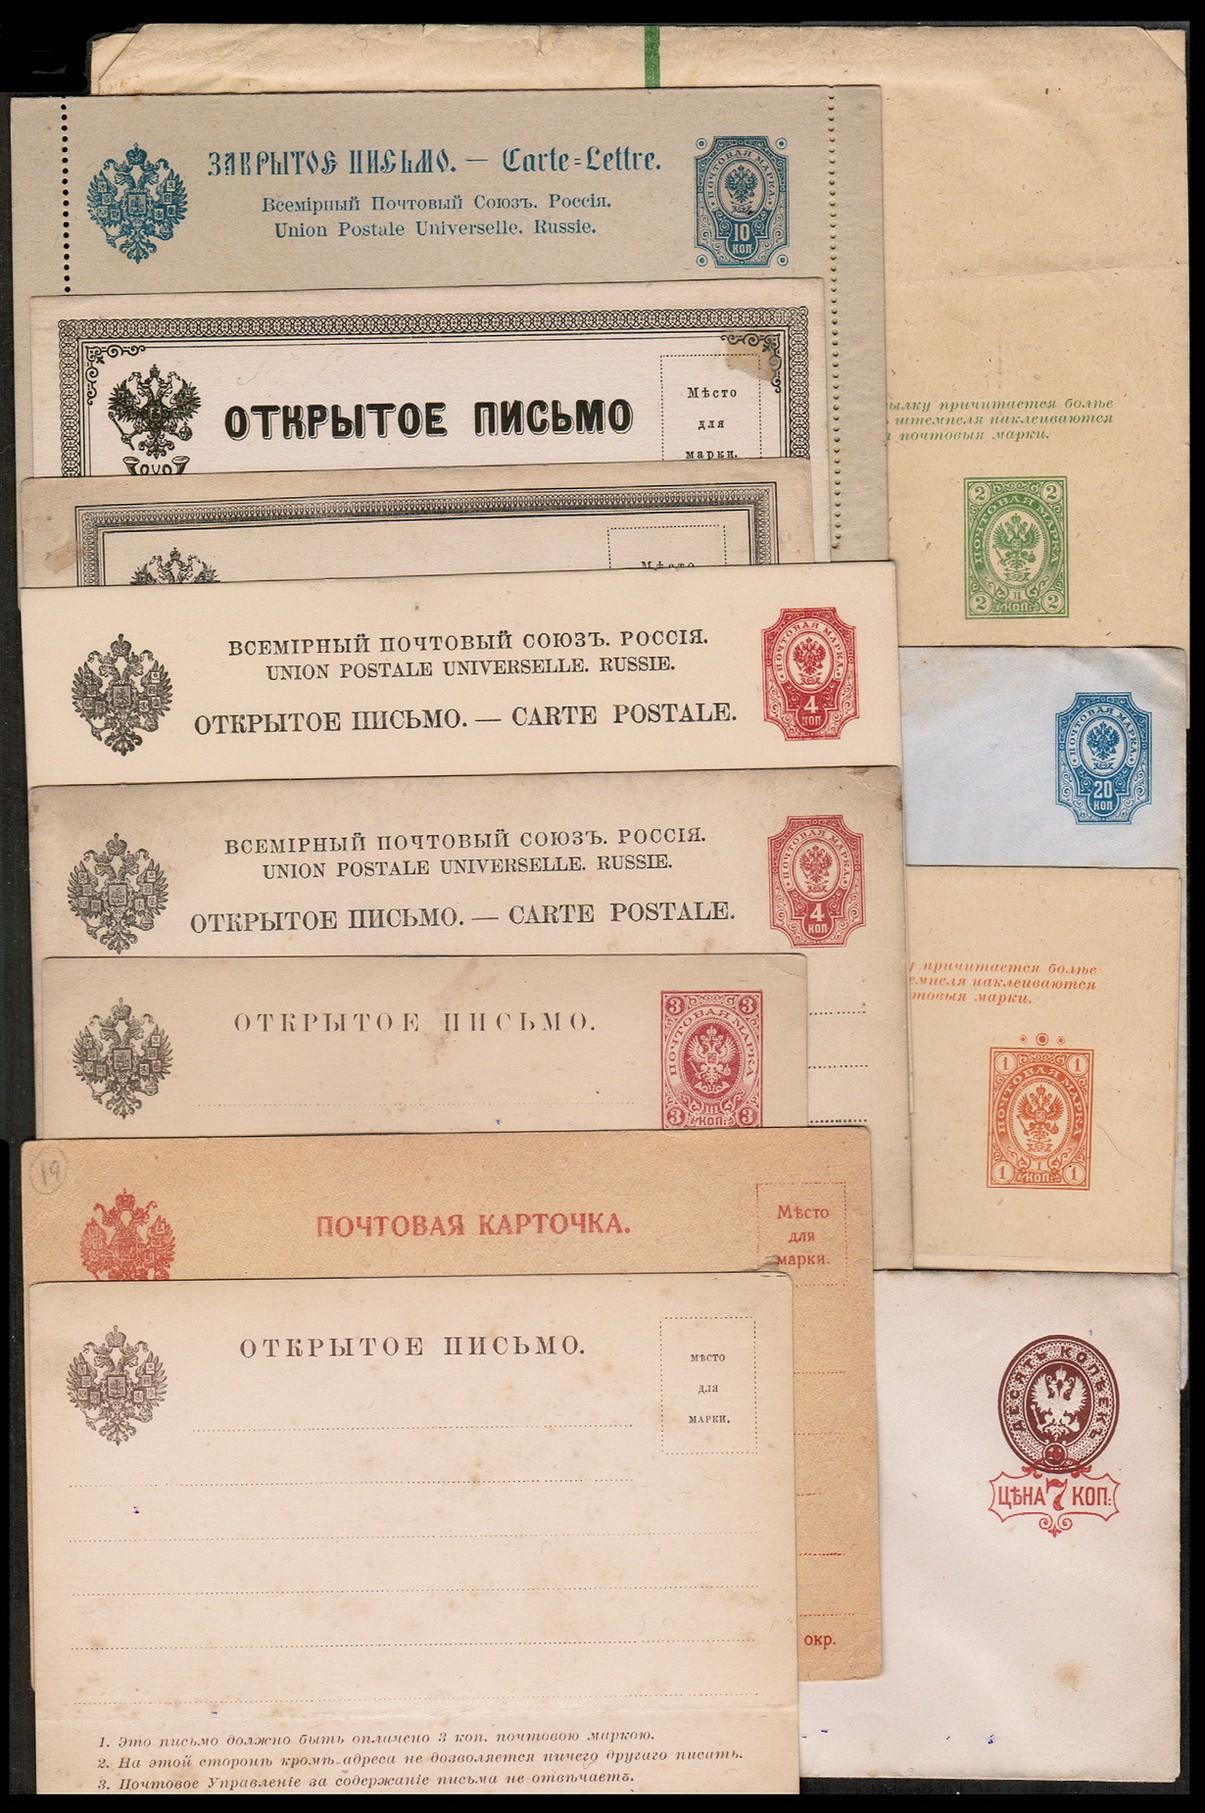 Каталог открыток всемирного почтового союза